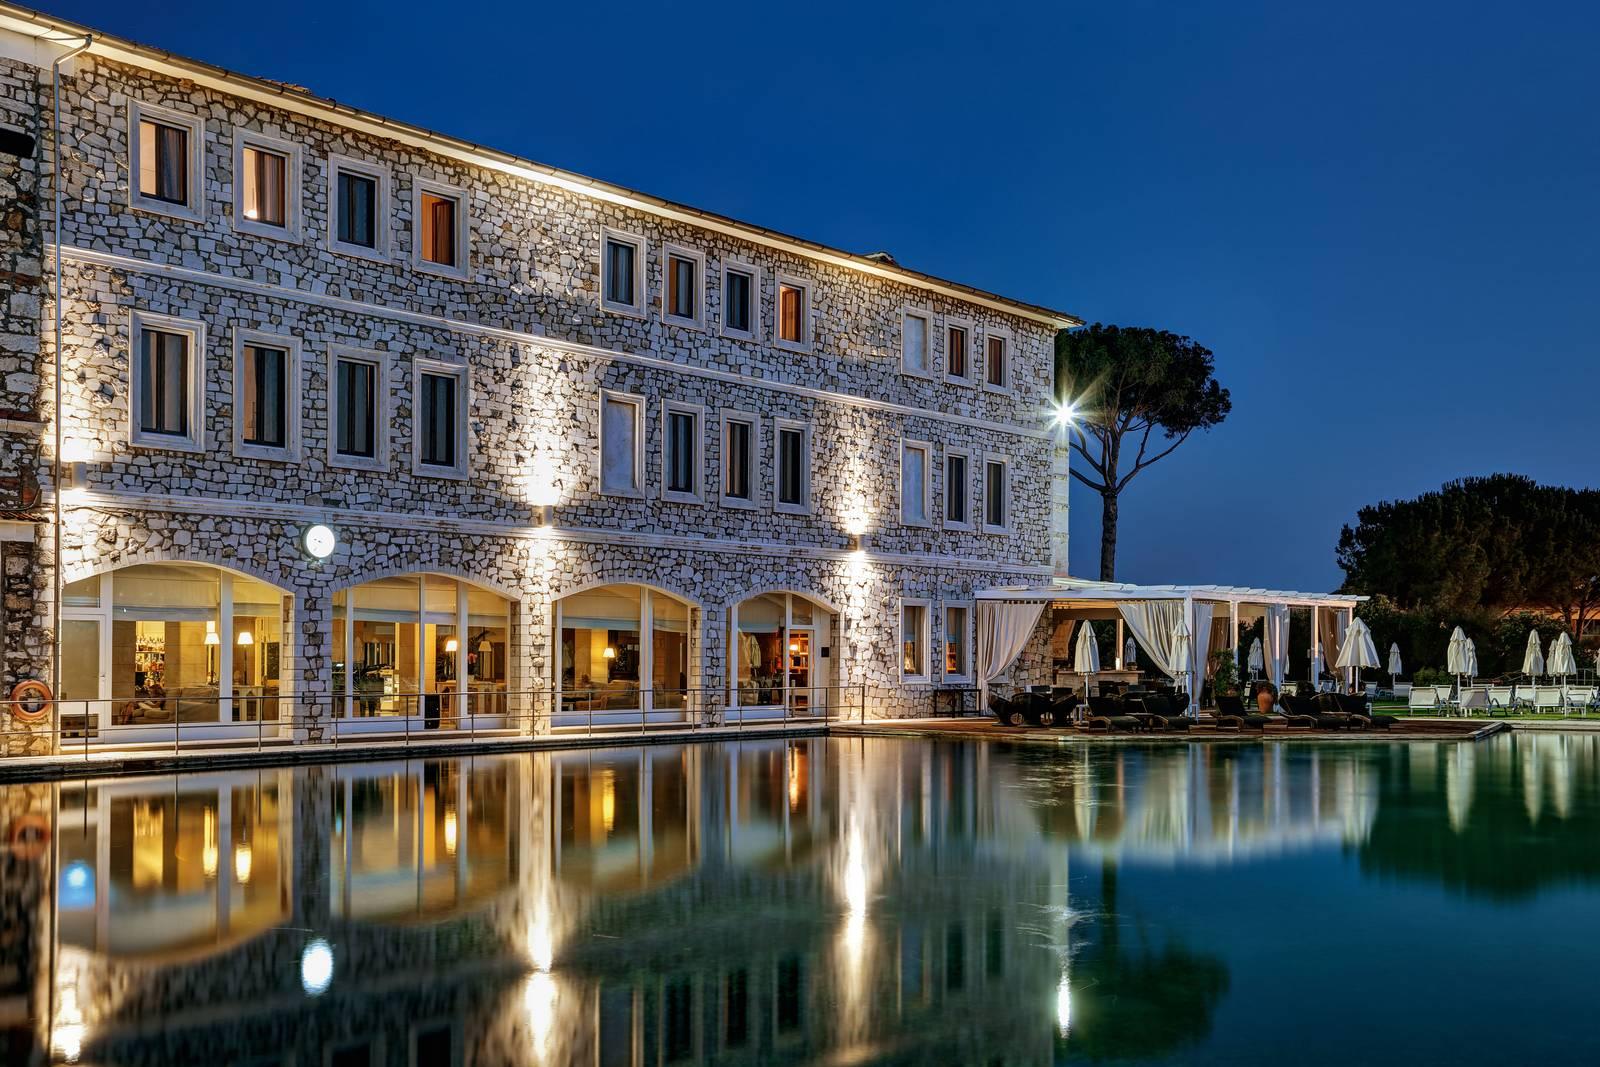 Terme di saturnia spa golf resort review gtspirit - Bagni di saturnia ...